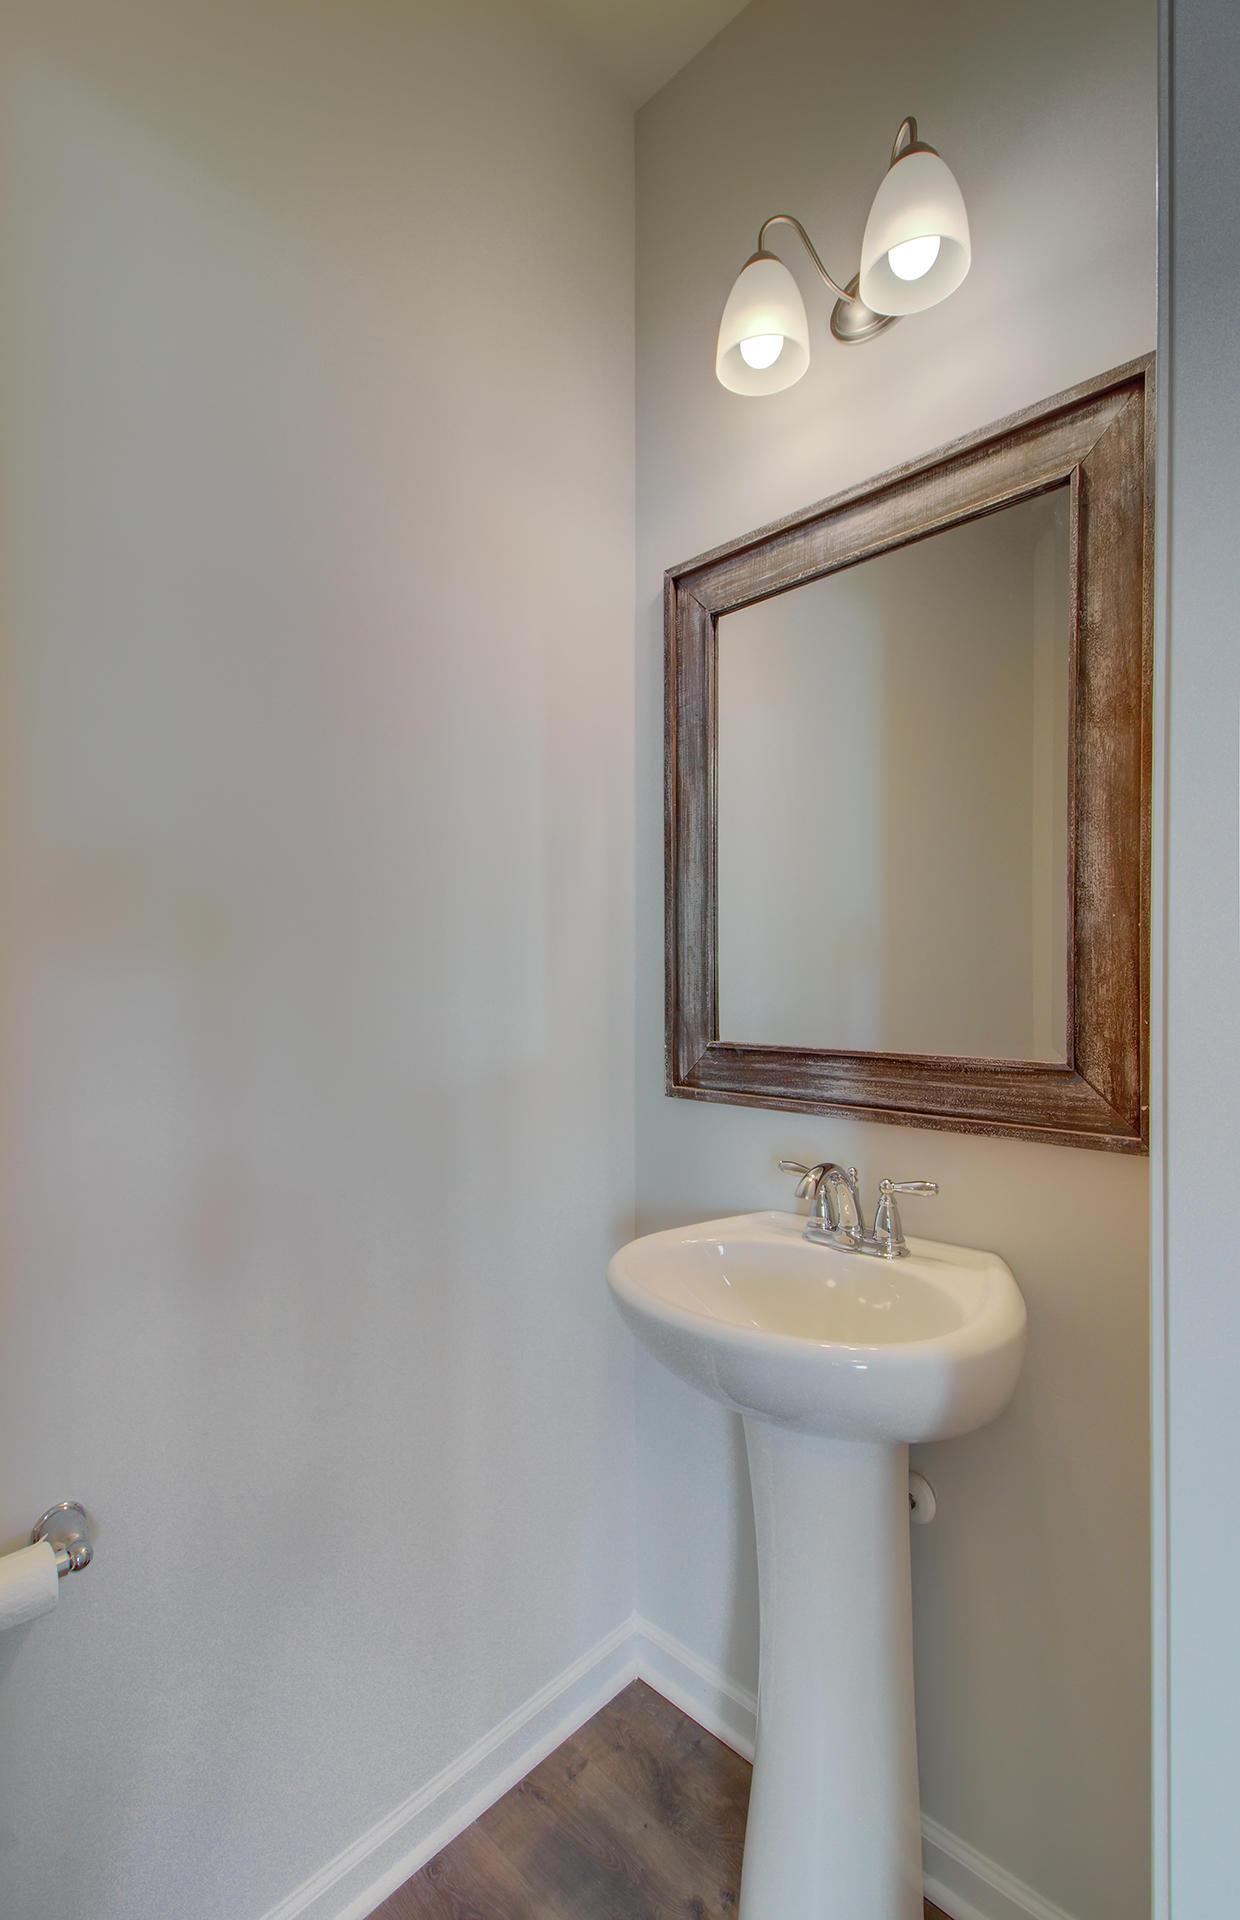 Park West Homes For Sale - 2569 Kingsfield, Mount Pleasant, SC - 13